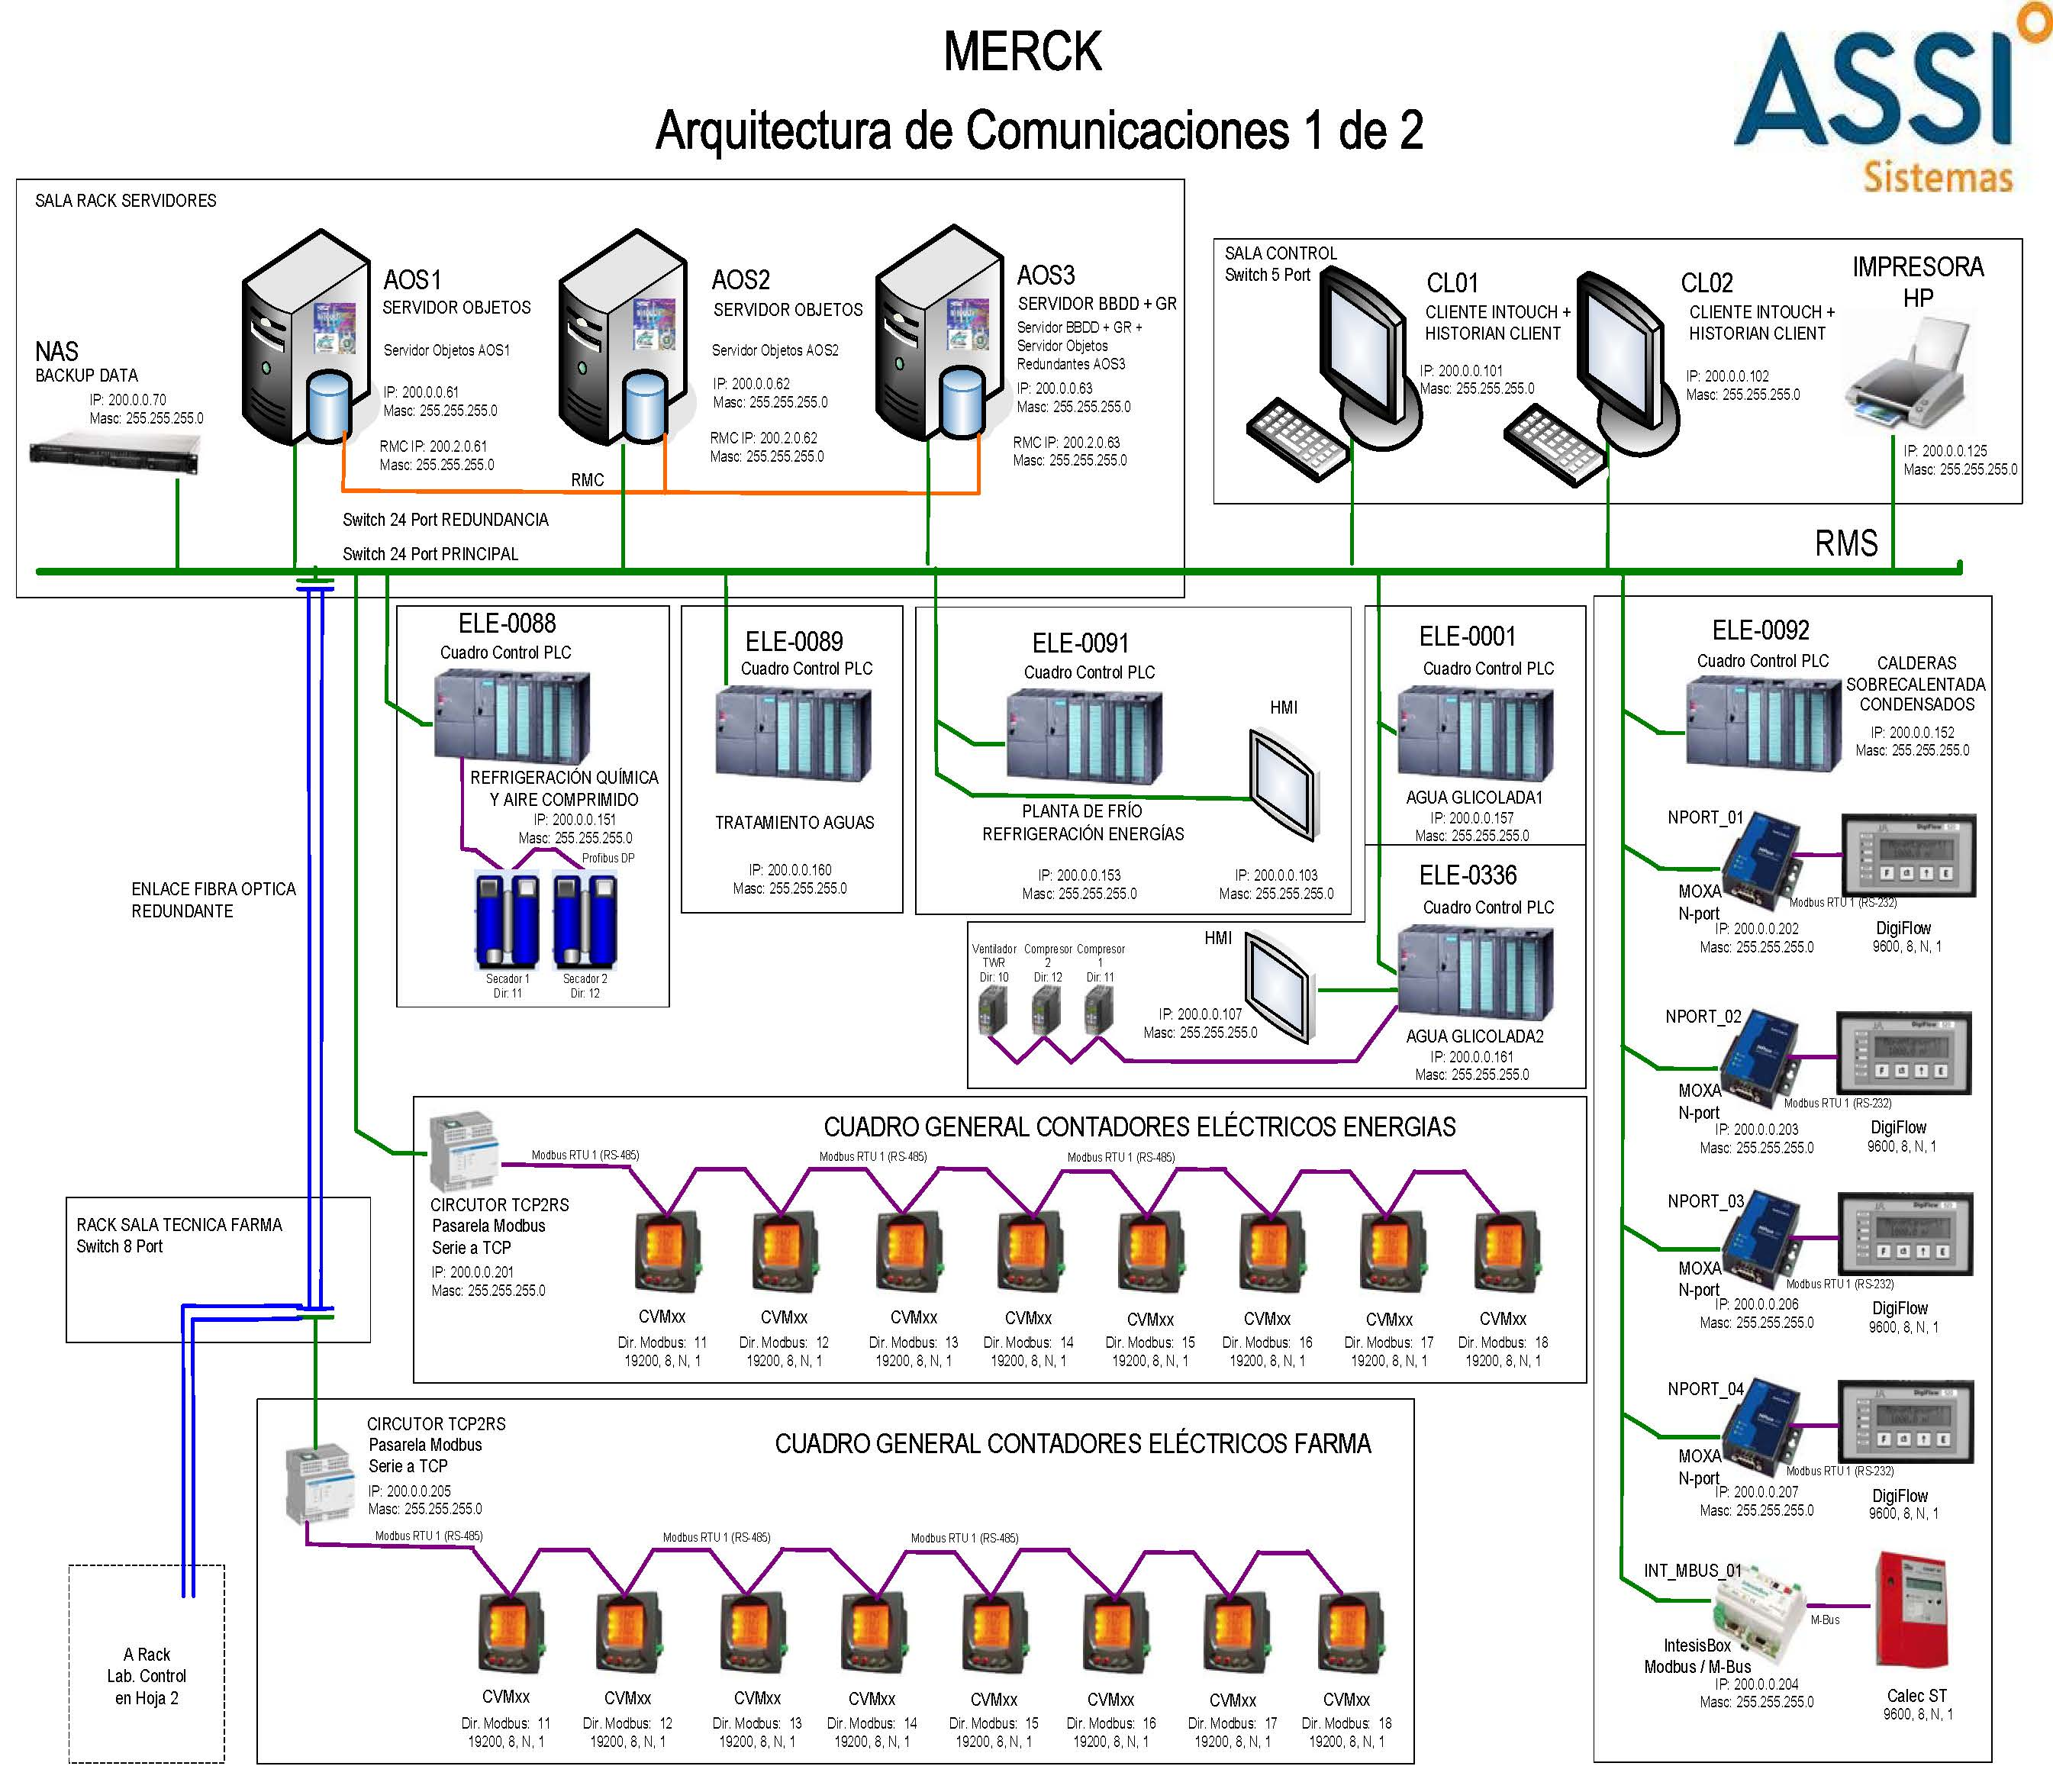 Implementaci n de un sistema de control y gesti n de los servicios de la planta de merck en - Merck mollet del valles ...